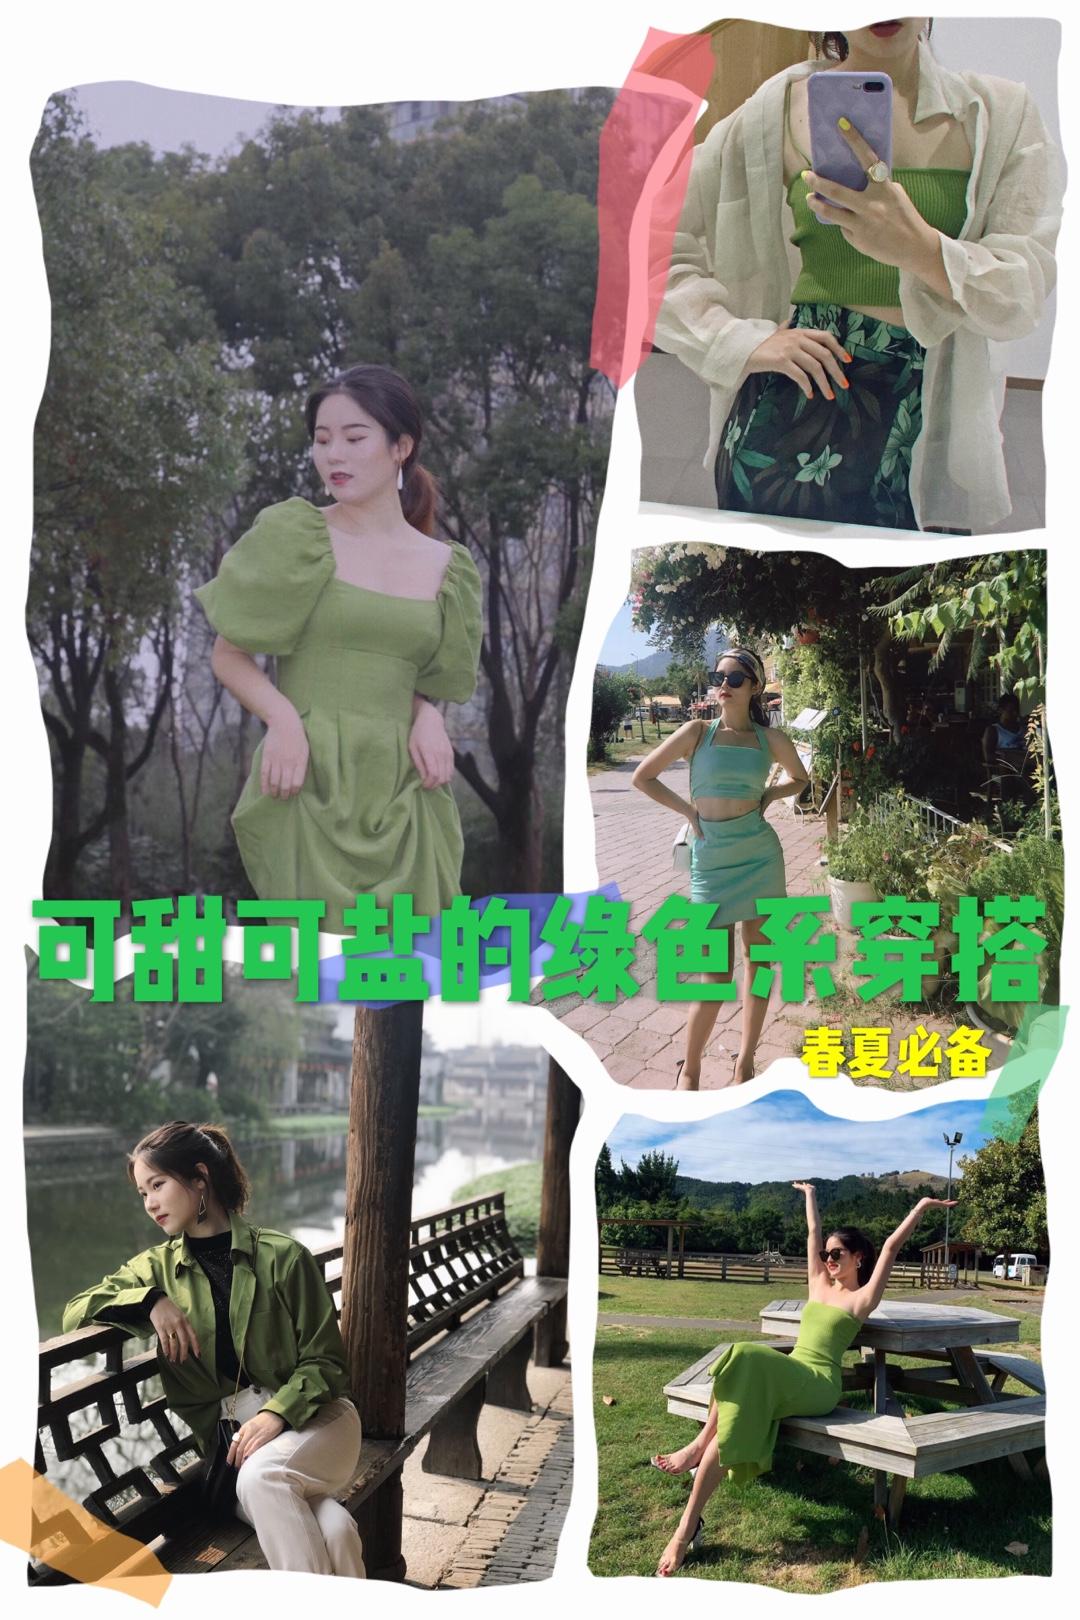 来咯,春夏必入的绿色系穿搭,洗眼养眼一级💚 1⃣️:神仙抹胸鱼尾裙,超美的!无敌显身材 2⃣️:最火的ZARA复古泡泡裙,穿上你就是森林奔跑的公主 3⃣️:绿色热带印花阔腿裤,走路带风,特别有活力 4⃣️:绿色衬衫,chic无敌 5⃣️:牛油果绿短裙套装,火辣秀身材,度假必备 #2020连衣裙穿搭图鉴#